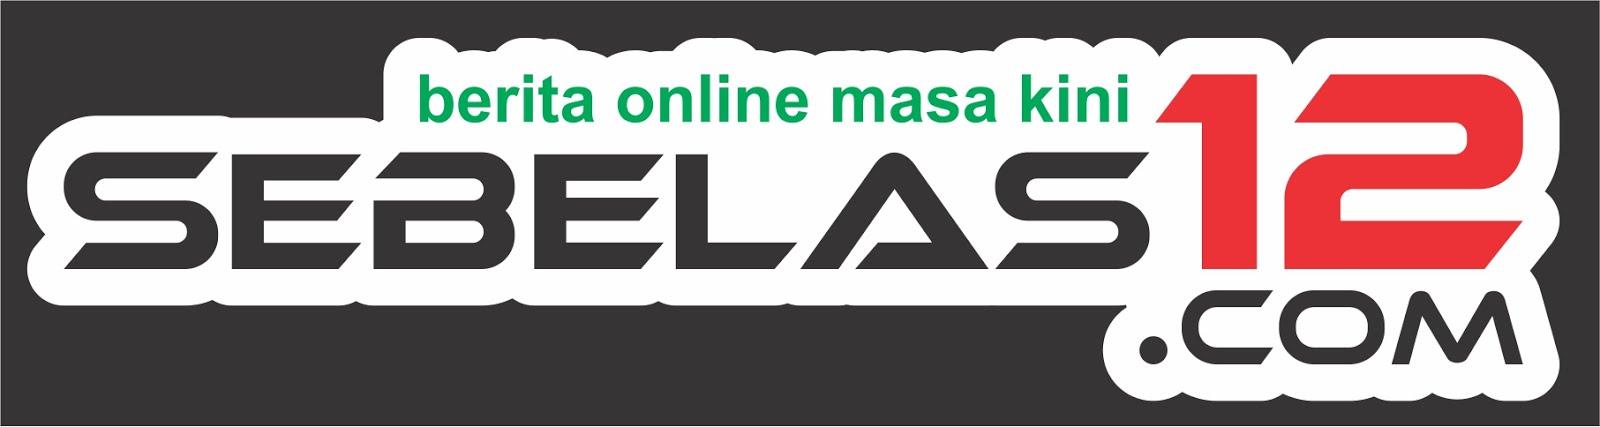 sebelas12.com